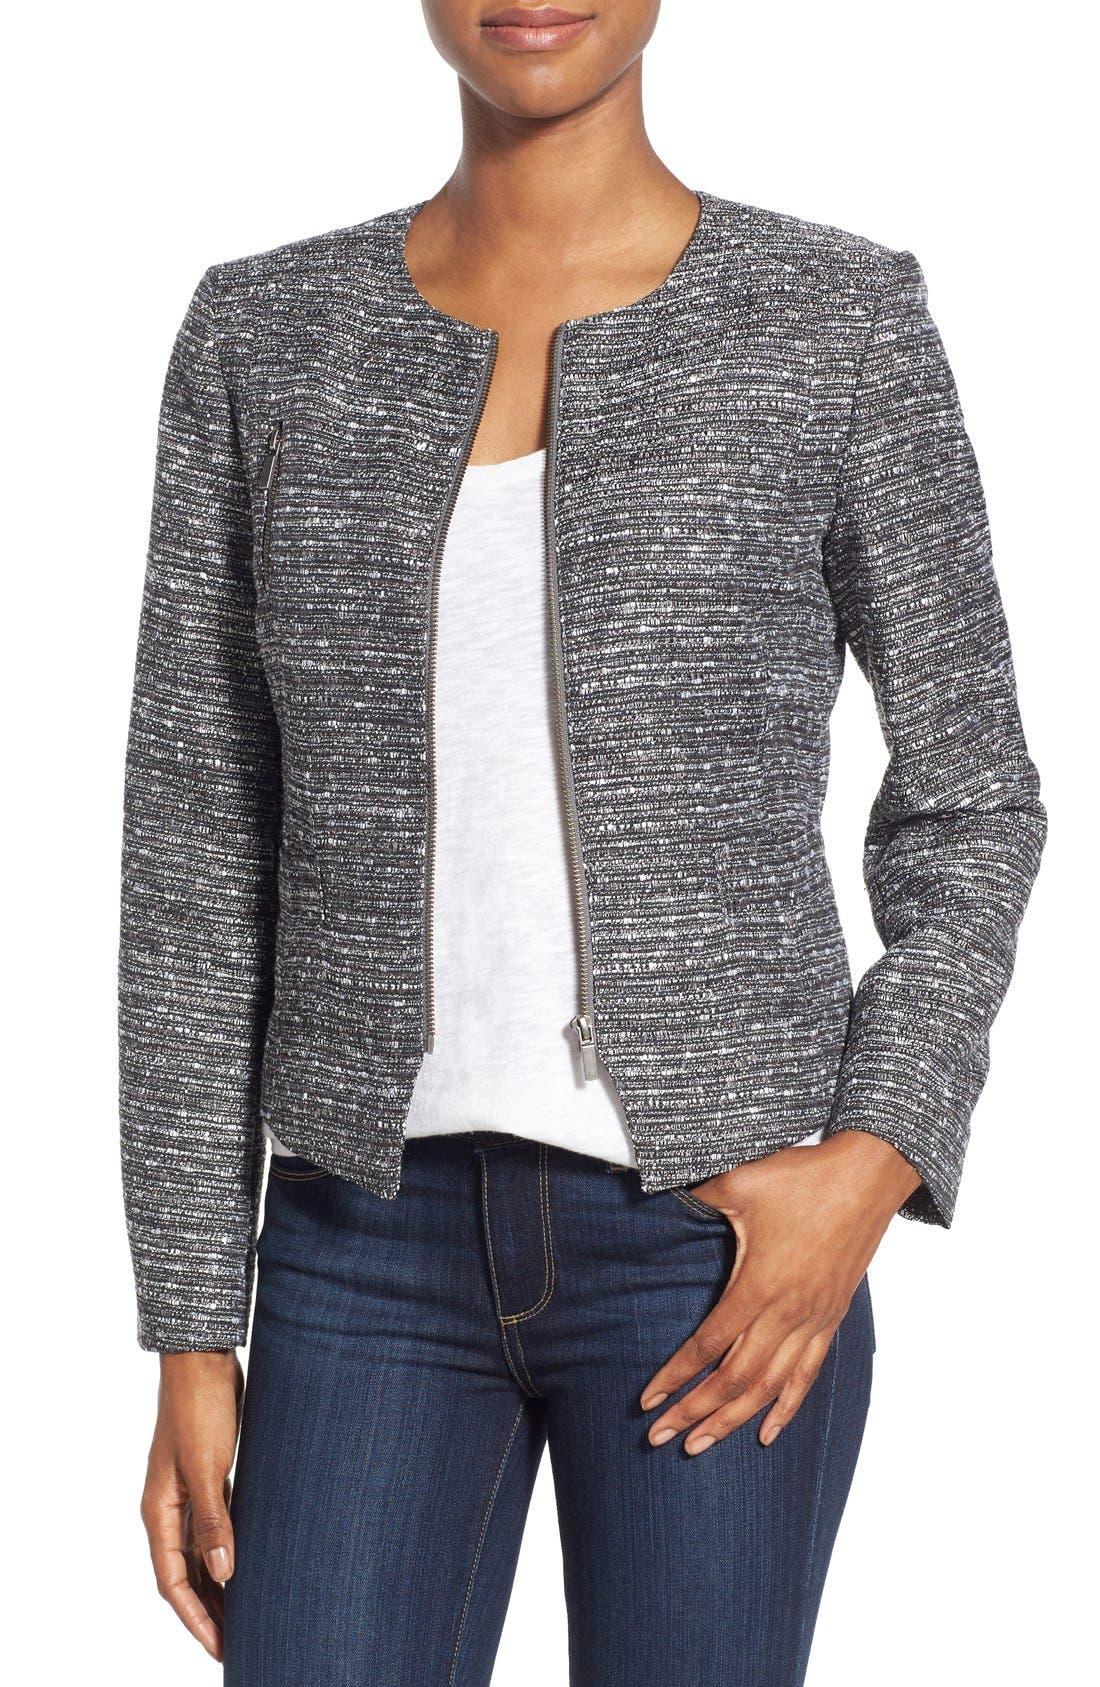 Alternate Image 1 Selected - Halogen® Zip Front Tweed Jacket (Regular & Petite)